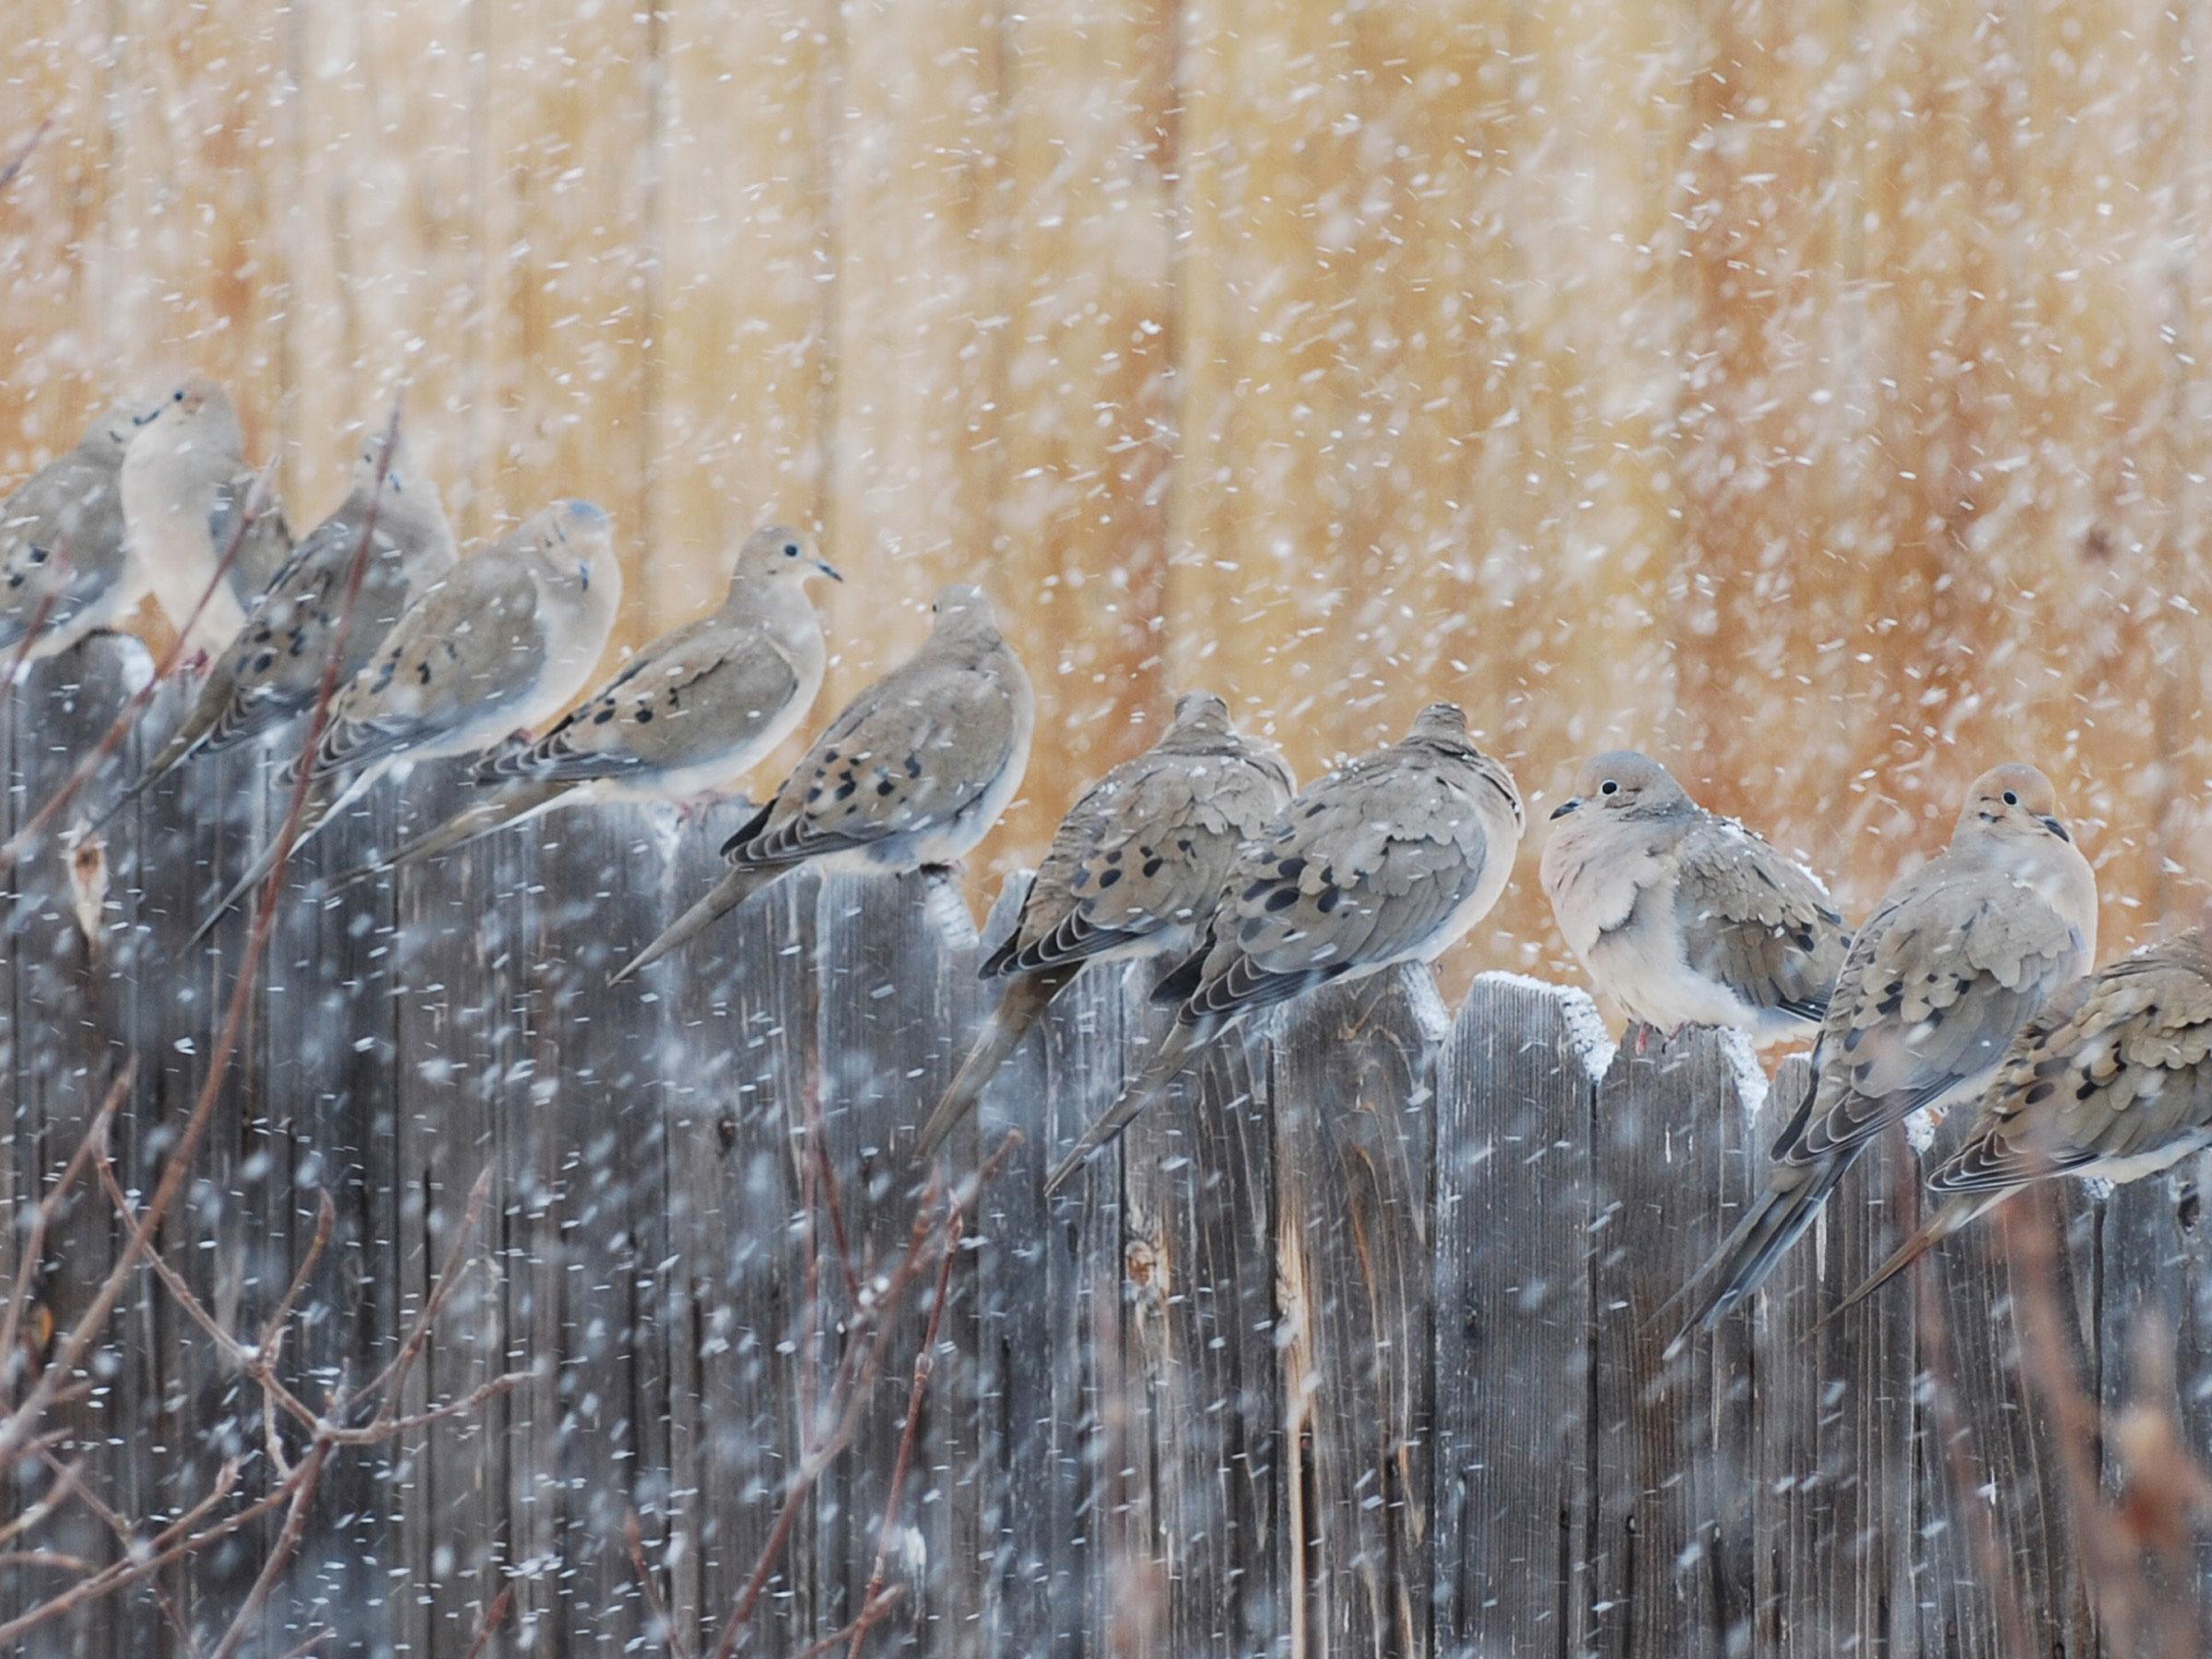 Mourning Doves. Kat Bradley Bennett/Audubon Photography Awards